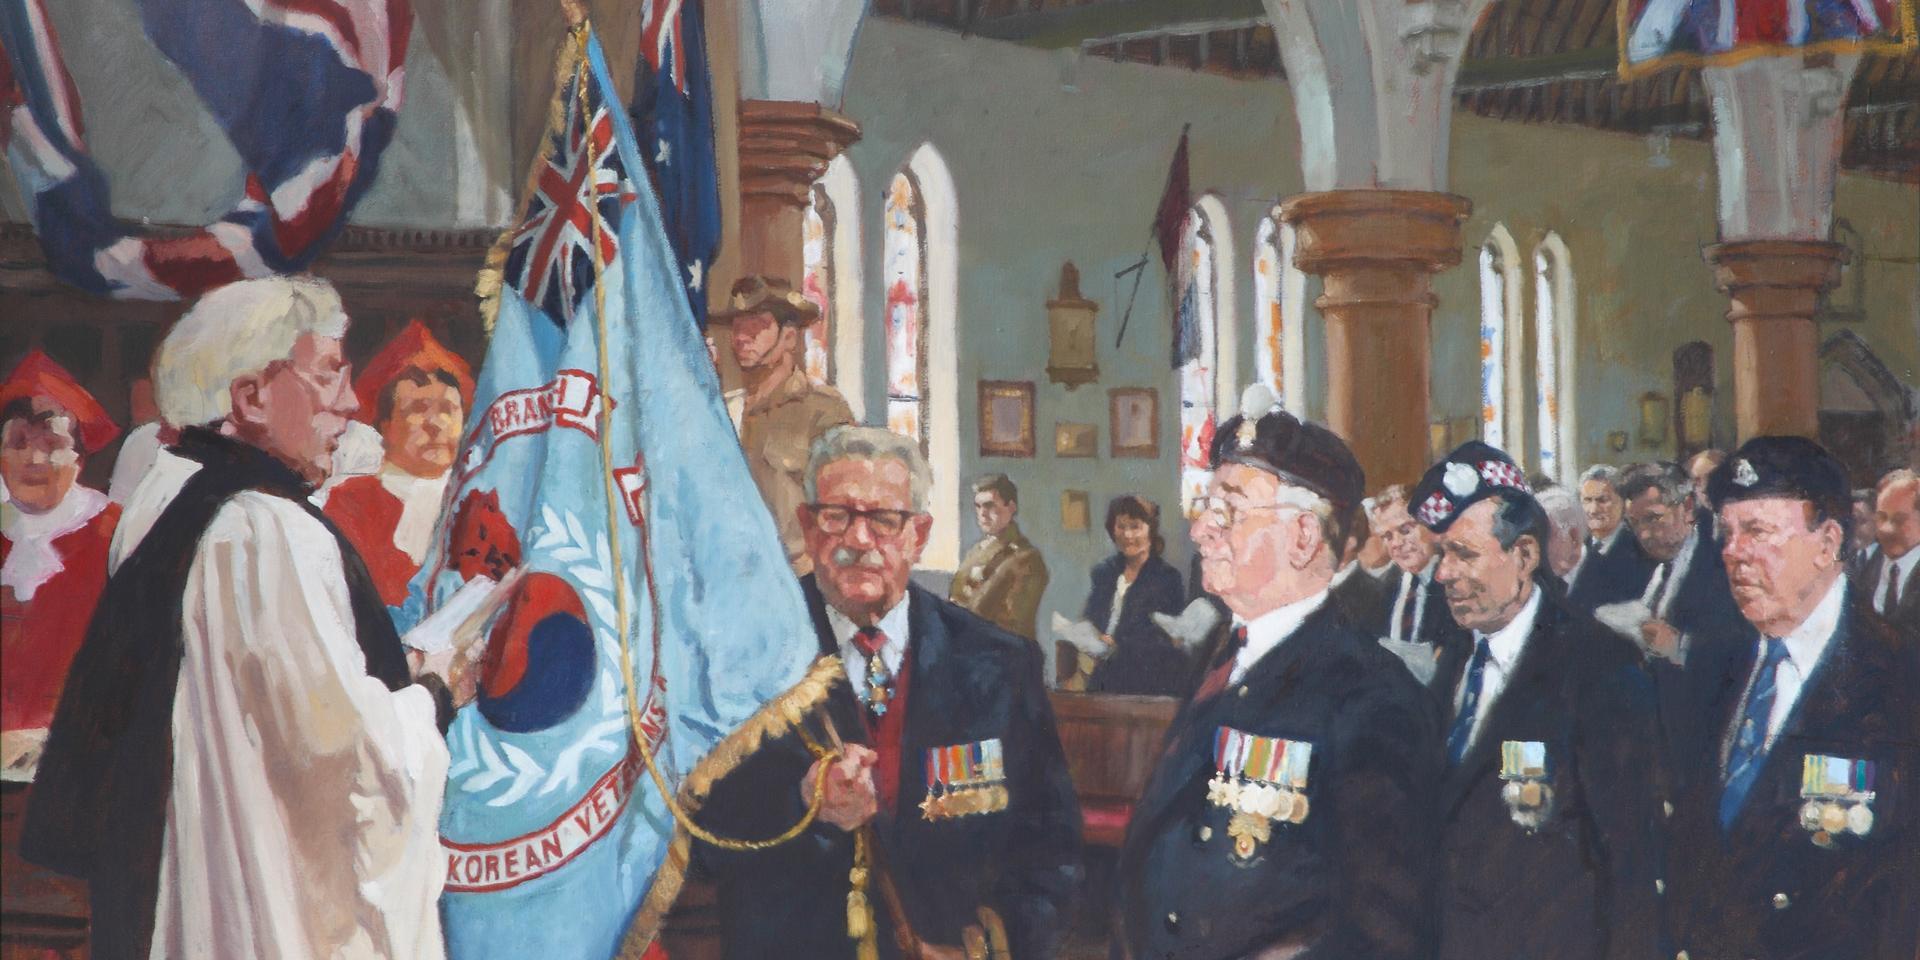 Dedication of the British Korean Veterans Association, Aldershot, 20 October 1996